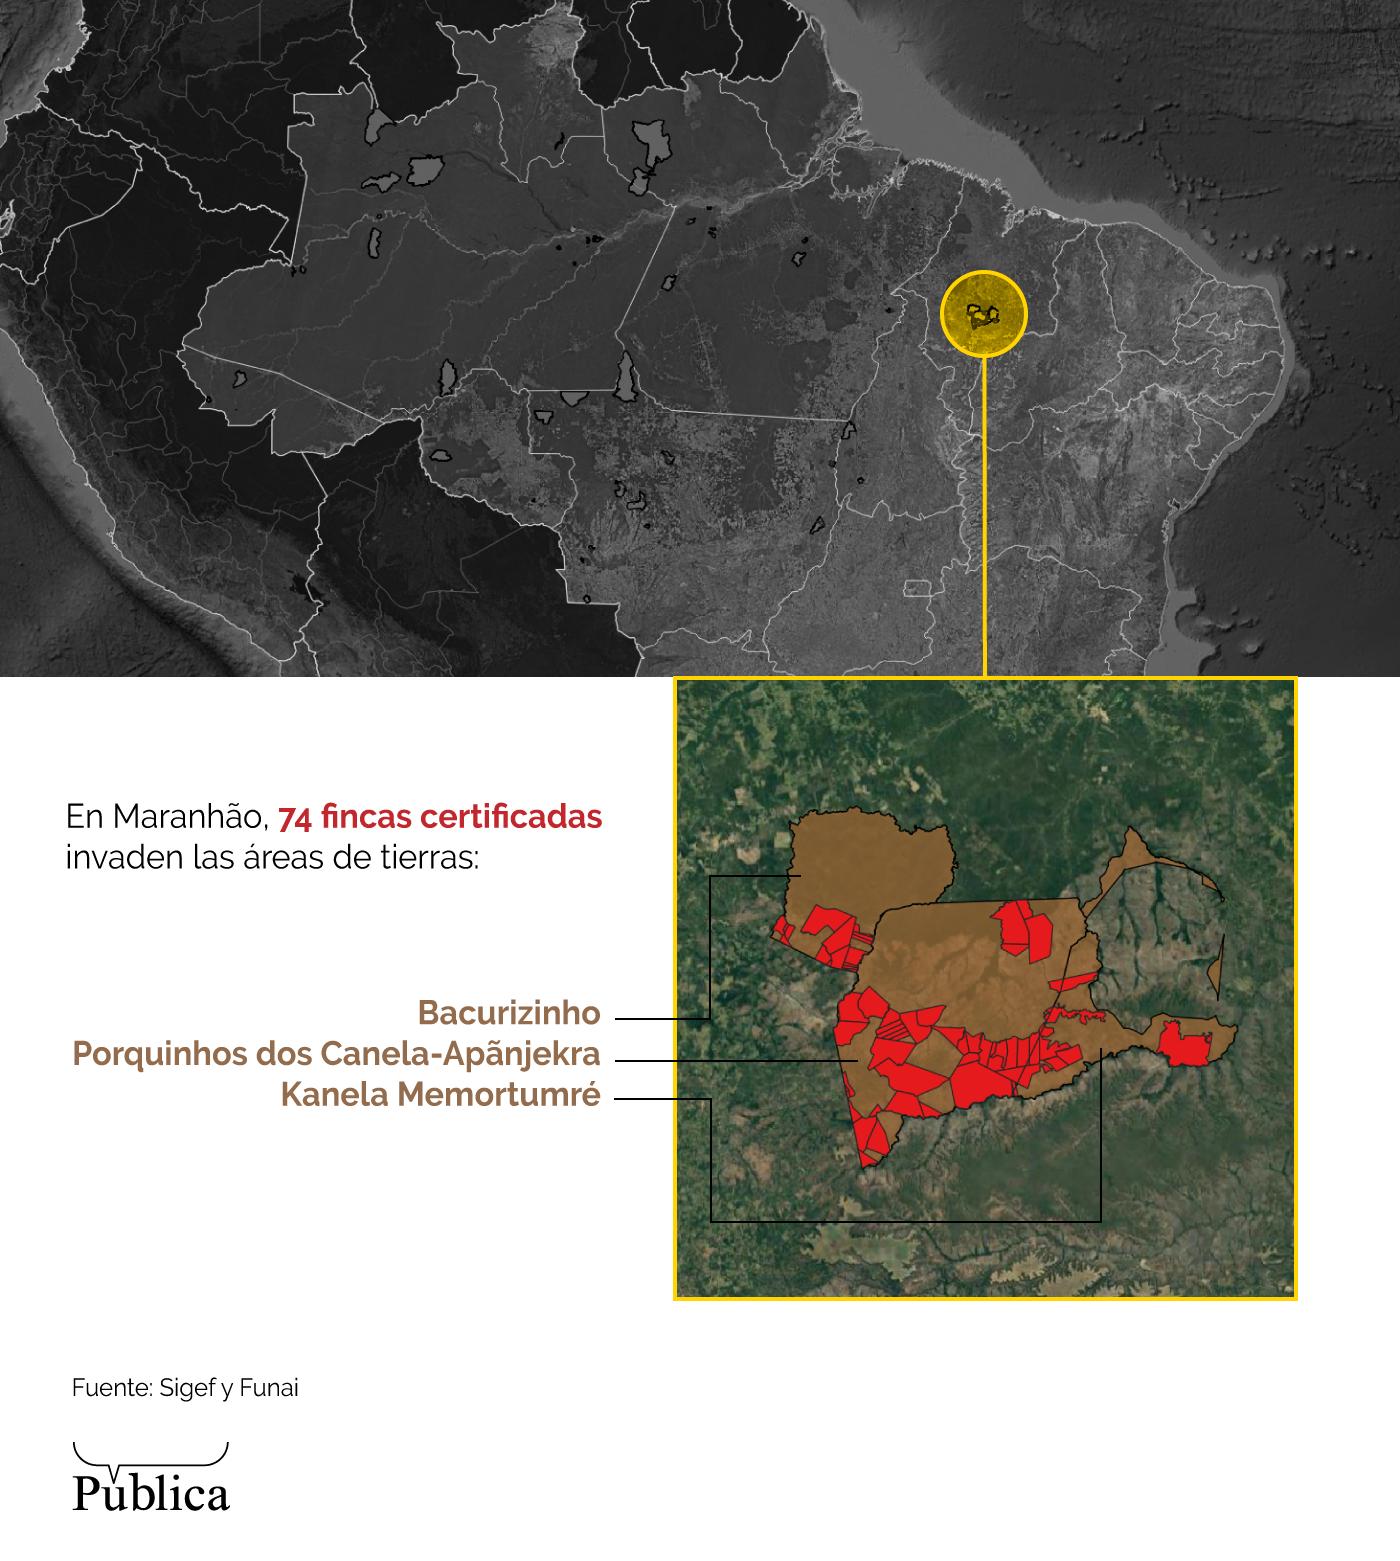 Bruno Fonseca / Agência Pública